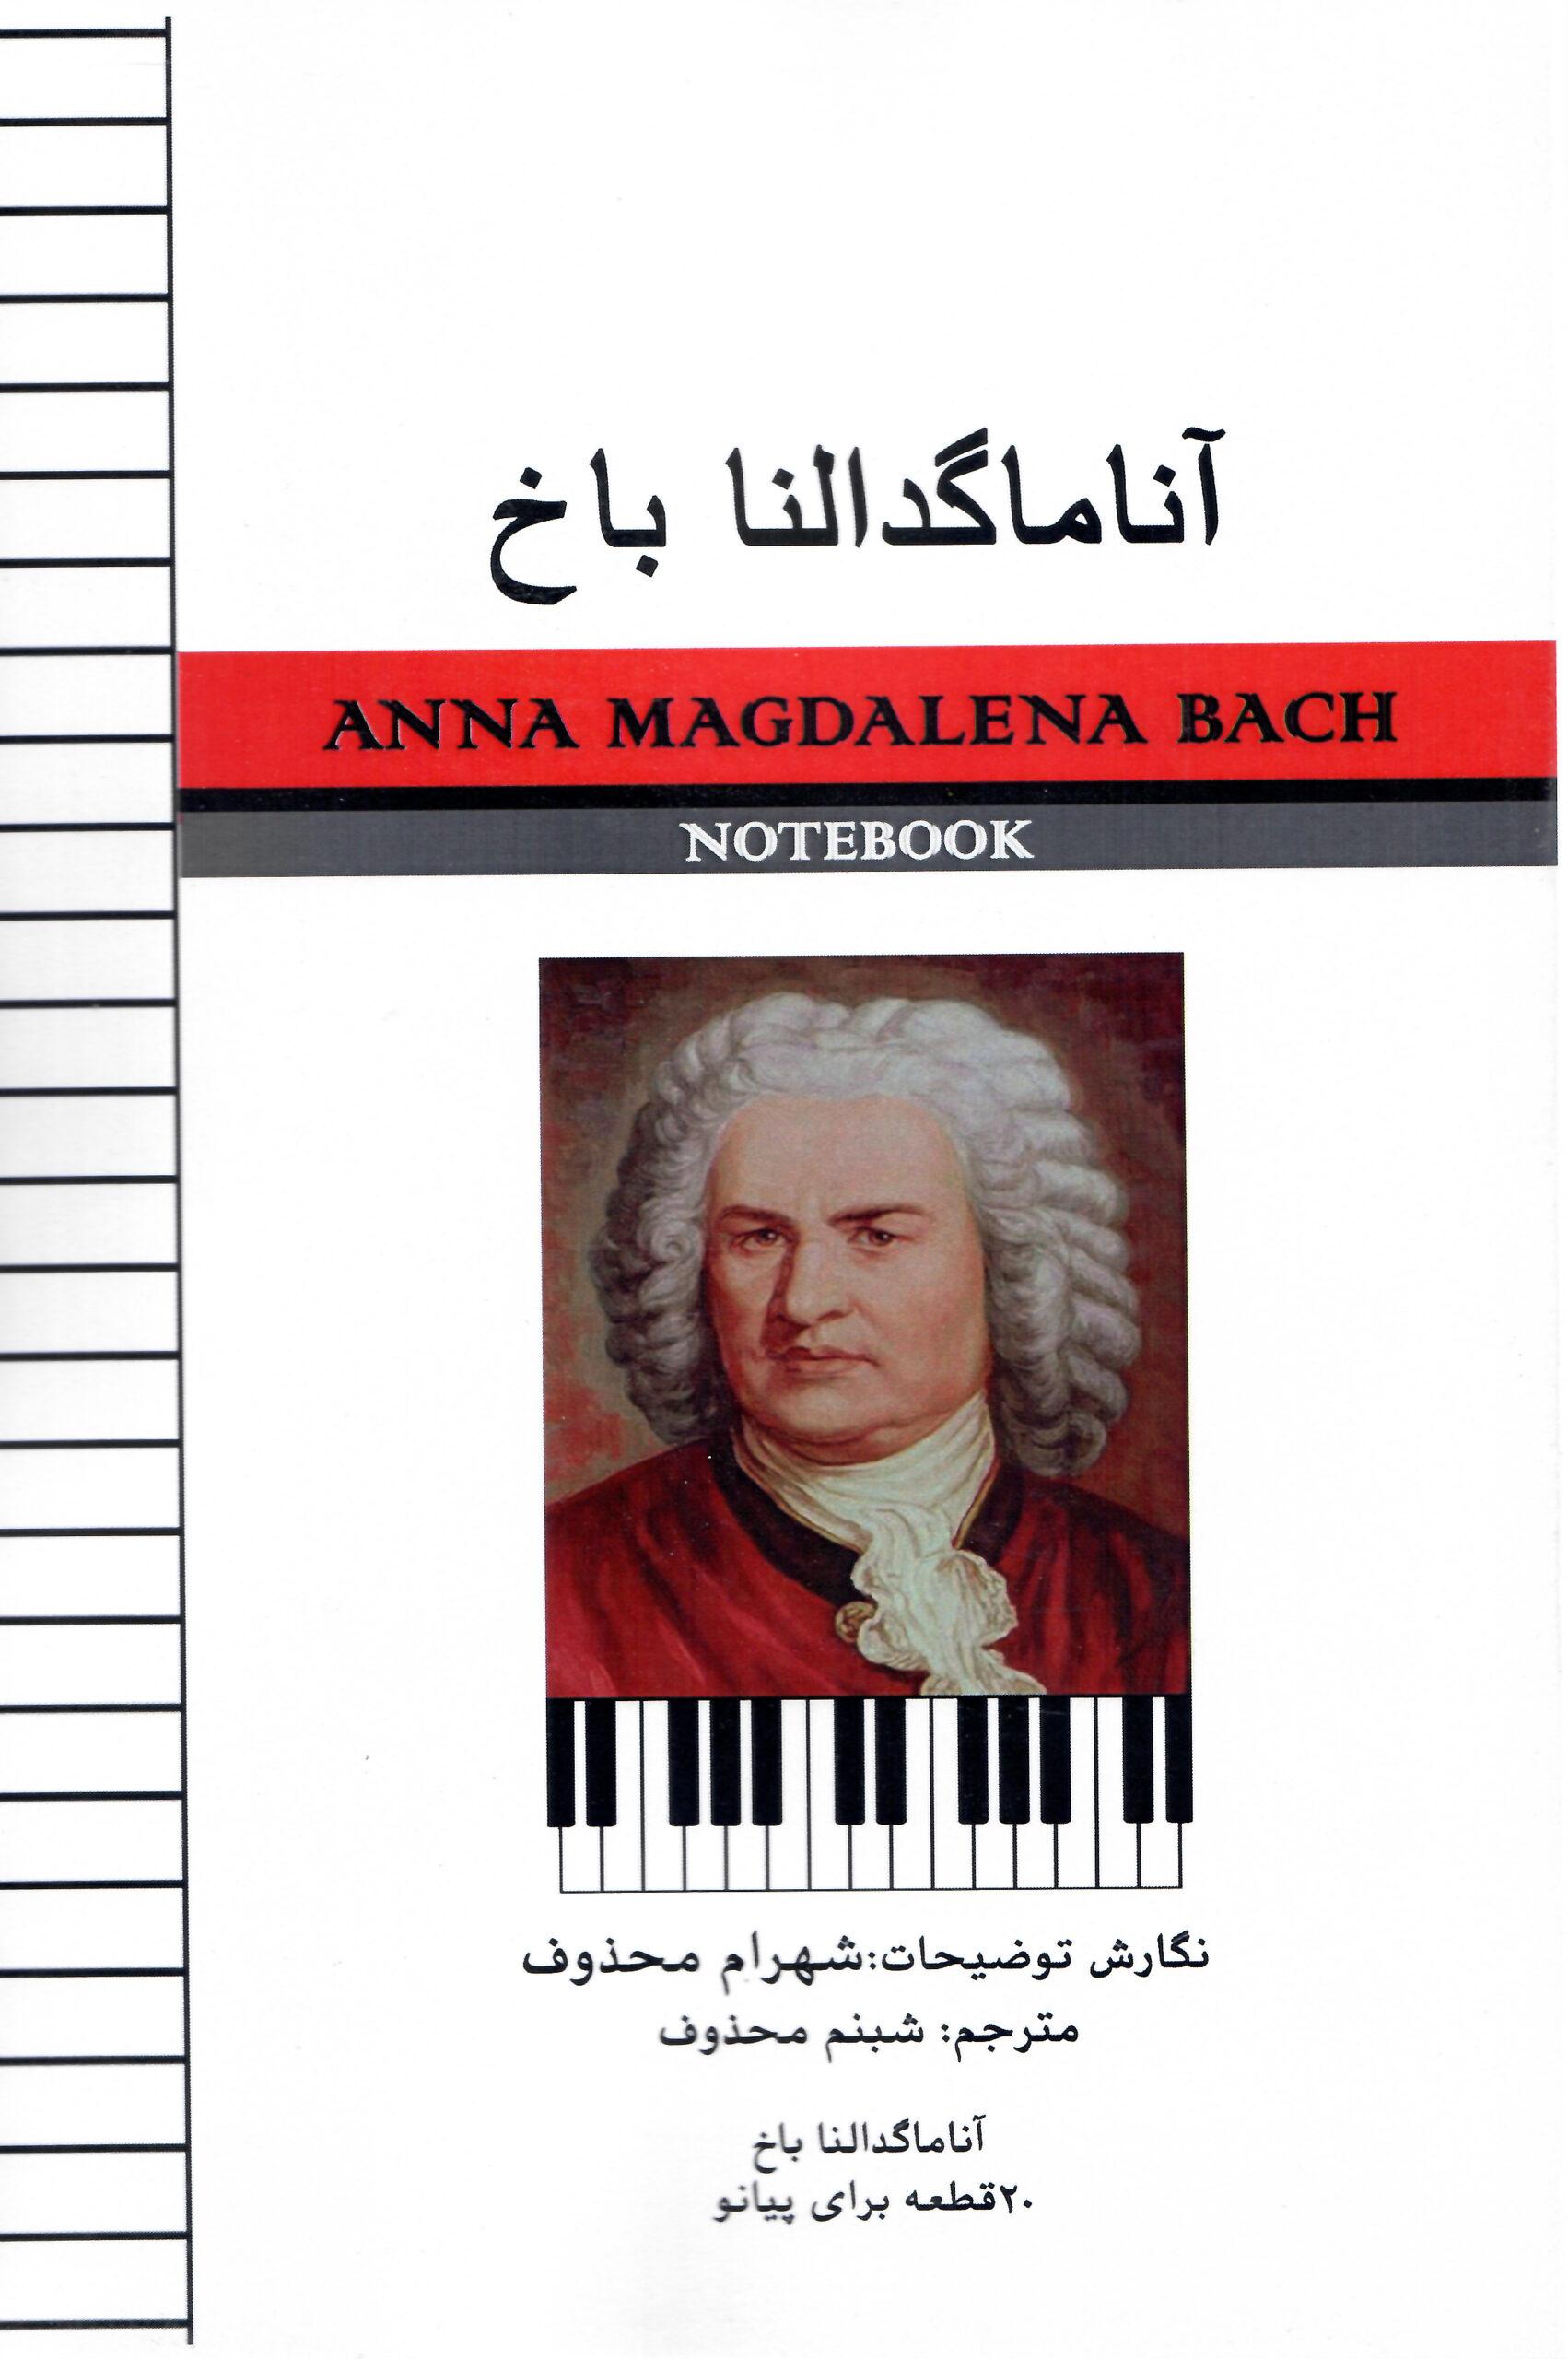 آناماگدالنا باخ 20 قطعه برای پیانو - نگارش توضیحات: شهرام محذوف- مترجم: شبنم محذوف